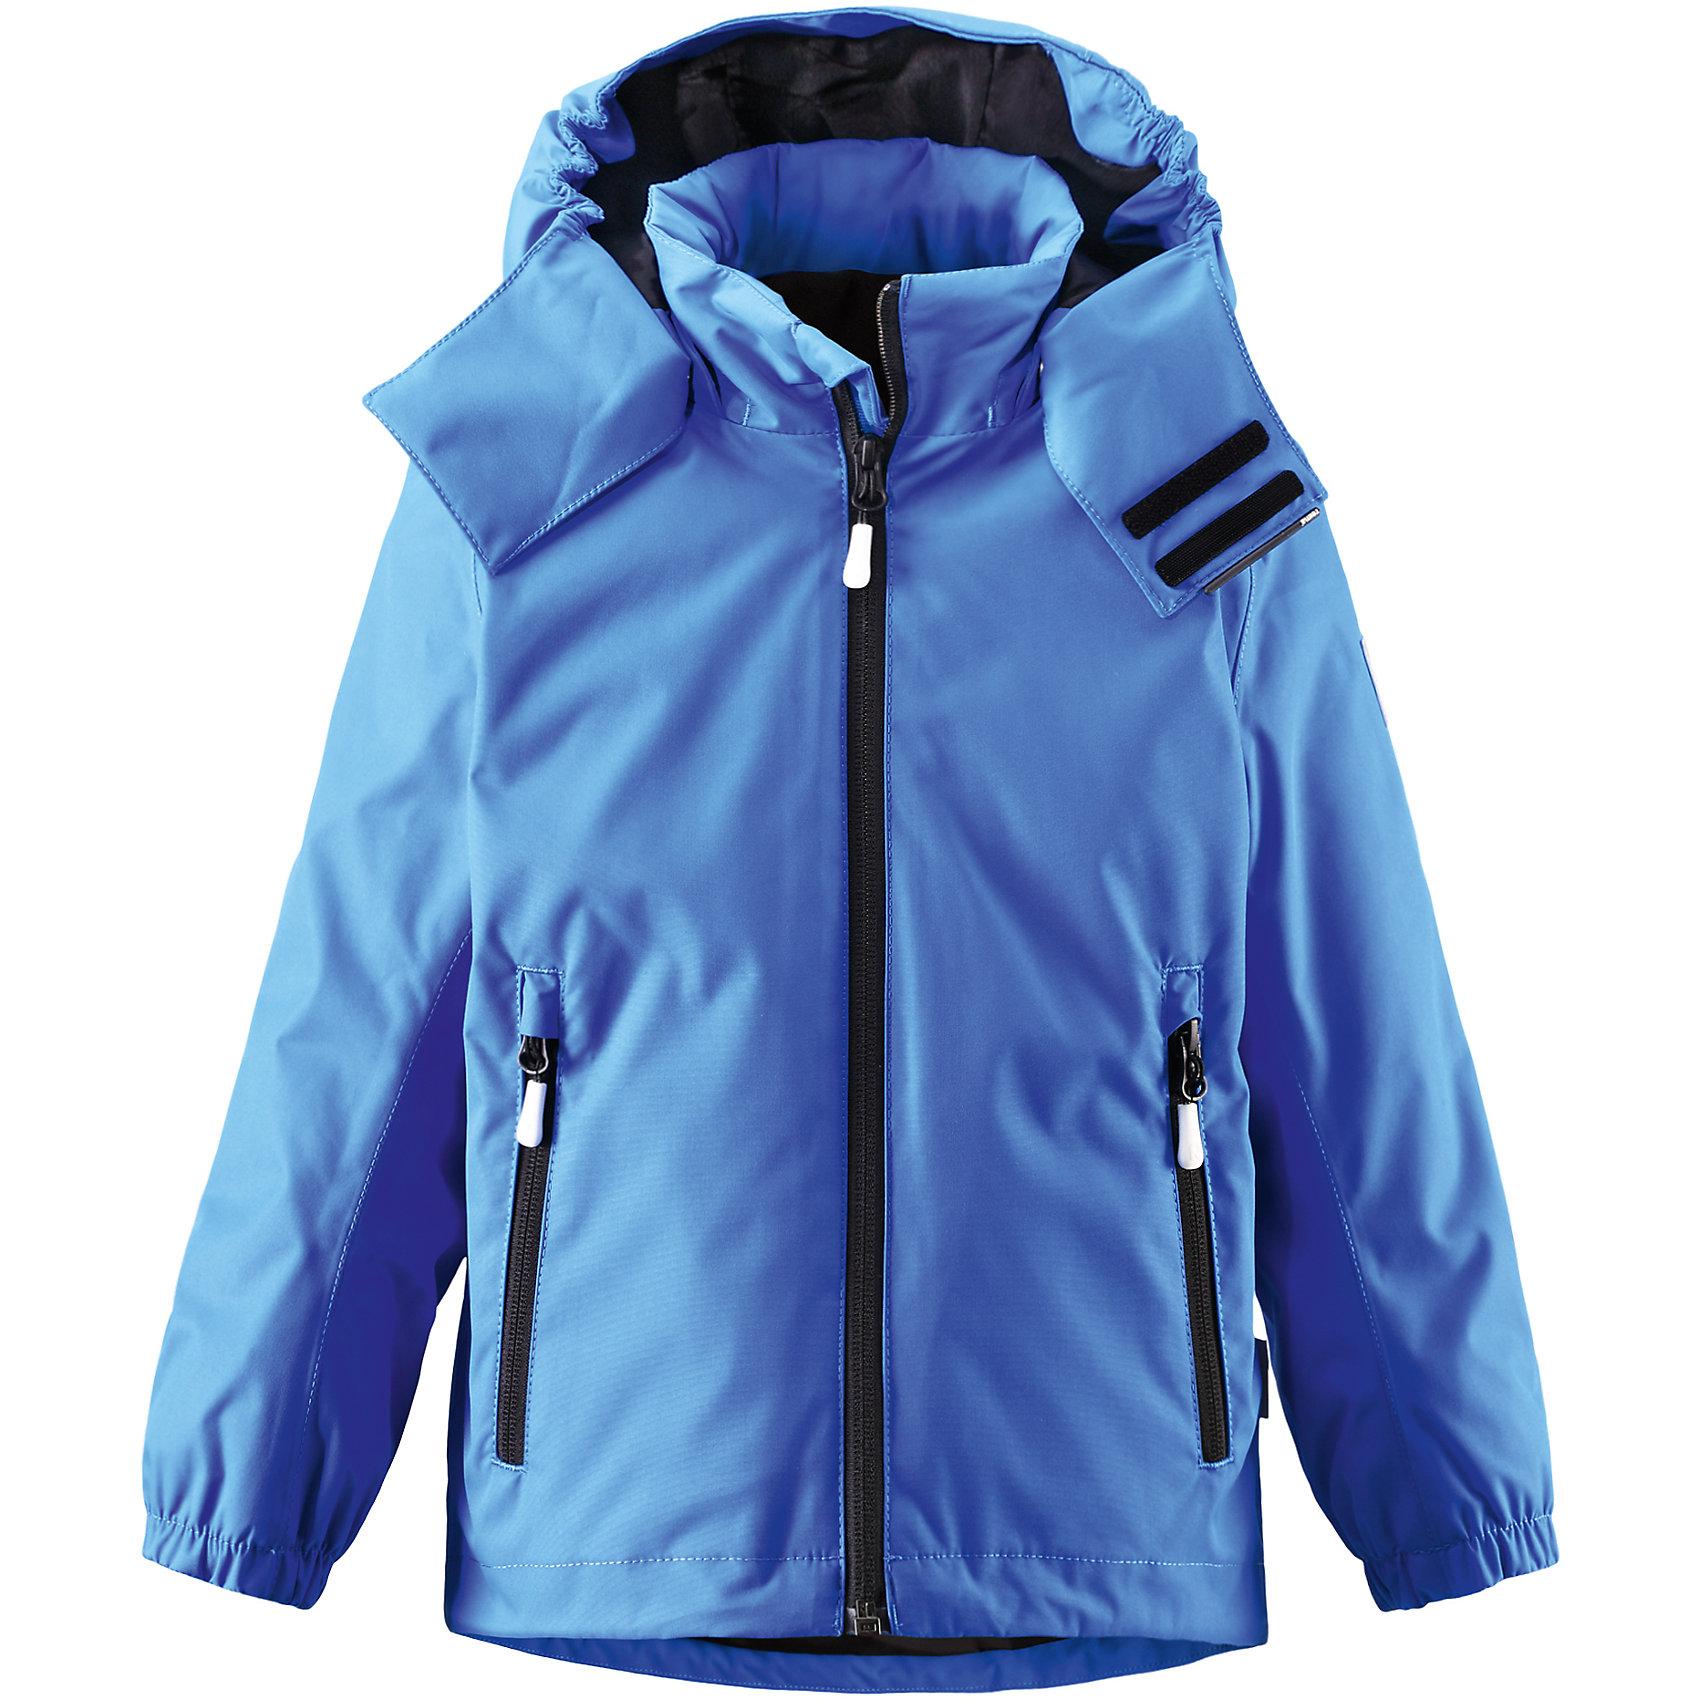 Куртка Roundtrip  Reimatec® ReimaОдежда<br>Характеристики товара:<br><br>• цвет: синий<br>• состав: 100% полиэстер, полиуретановое покрытие<br>• температурный режим: -15° до +5° градусов<br>• внутренняя флисовая куртка<br>• водонепроницаемая мембрана: от 10000 мм<br>• основные швы проклеены<br>• съёмный капюшон<br>• молния<br>• светоотражающие детали<br>• «дышащий» материал<br>• ветро- водо- и грязеотталкивающий материал<br>• кнопки Reima® Play Layers <br>• карманы<br>• комфортная посадка<br>• страна производства: Китай<br>• страна бренда: Финляндия<br><br>Верхняя одежда для детей может быть модной и комфортной одновременно! Эти зимняя куртка поможет обеспечить ребенку комфорт и тепло. Она отлично смотрится с различной одеждой и обувью. Изделие удобно сидит и модно выглядит. Стильный дизайн разрабатывался специально для детей. Отличный вариант для активного отдыха зимой!<br><br>Одежда и обувь от финского бренда Reima пользуется популярностью во многих странах. Эти изделия стильные, качественные и удобные. Для производства продукции используются только безопасные, проверенные материалы и фурнитура. Порадуйте ребенка модными и красивыми вещами от Reima! <br><br>Куртку Roundtrip от финского бренда Reimatec® Reima (Рейма) можно купить в нашем интернет-магазине.<br><br>Ширина мм: 356<br>Глубина мм: 10<br>Высота мм: 245<br>Вес г: 519<br>Цвет: синий<br>Возраст от месяцев: 24<br>Возраст до месяцев: 36<br>Пол: Унисекс<br>Возраст: Детский<br>Размер: 98,116,122,110,128,134,104,140<br>SKU: 5415483